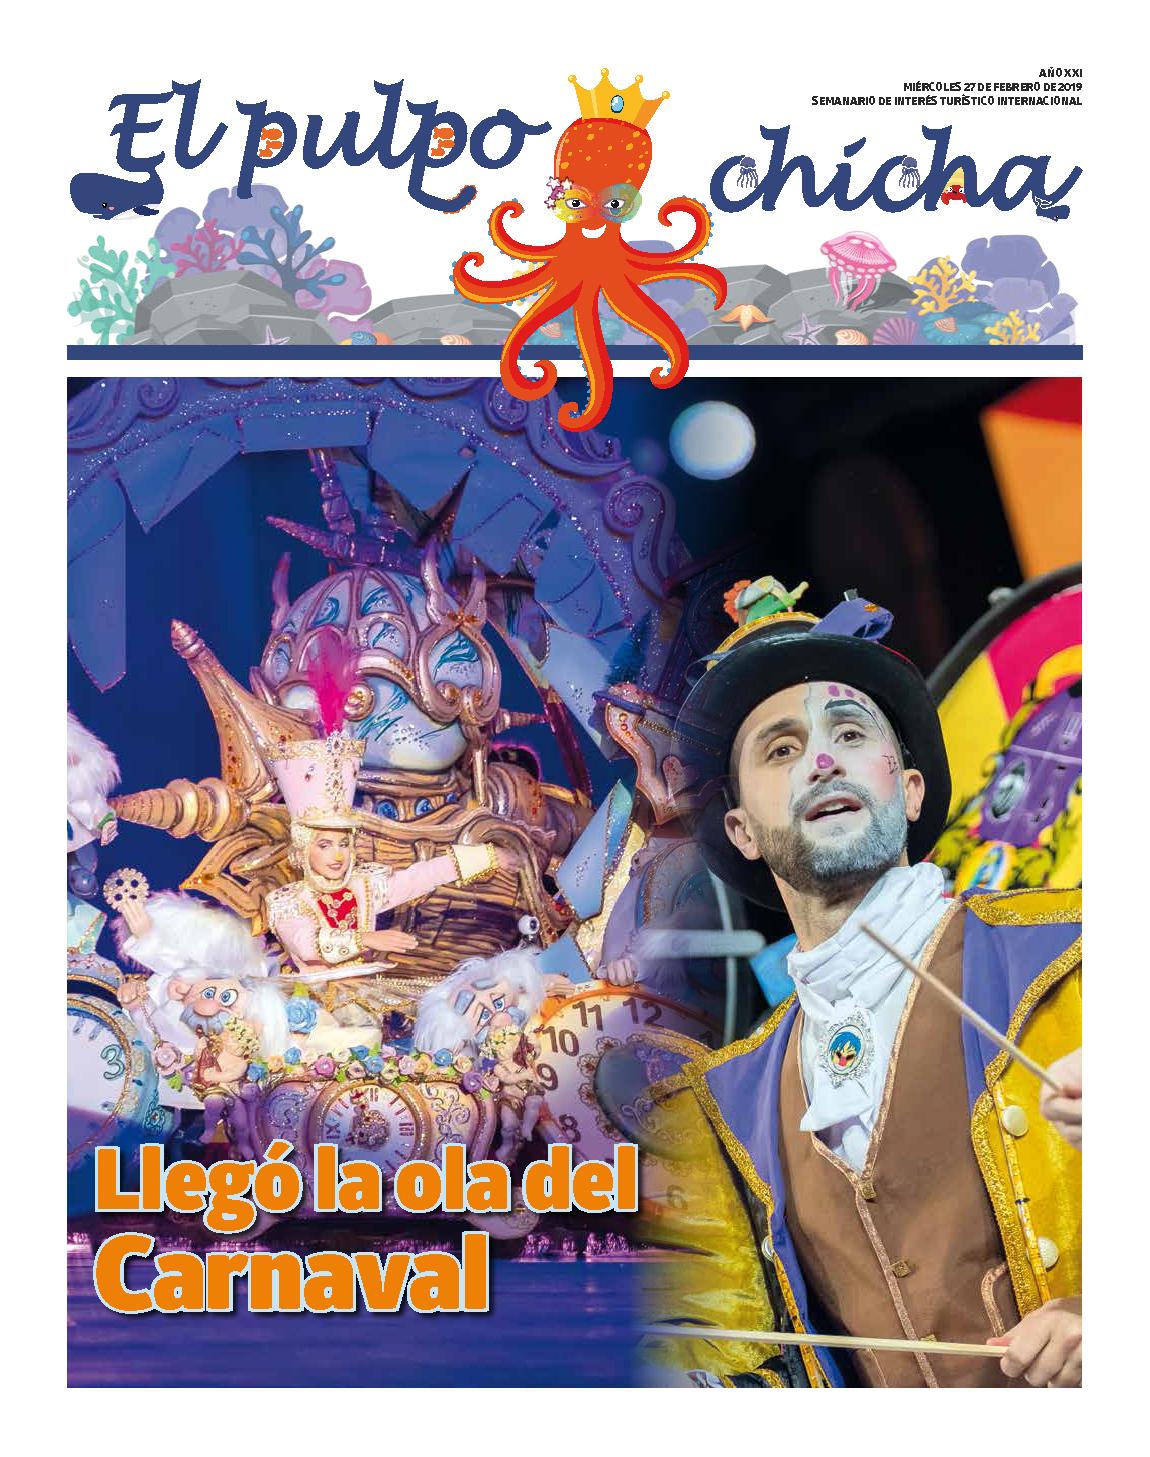 Personajes inolvidables de la Fiesta protagonizan El pulpochicha, el periódico del Carnaval